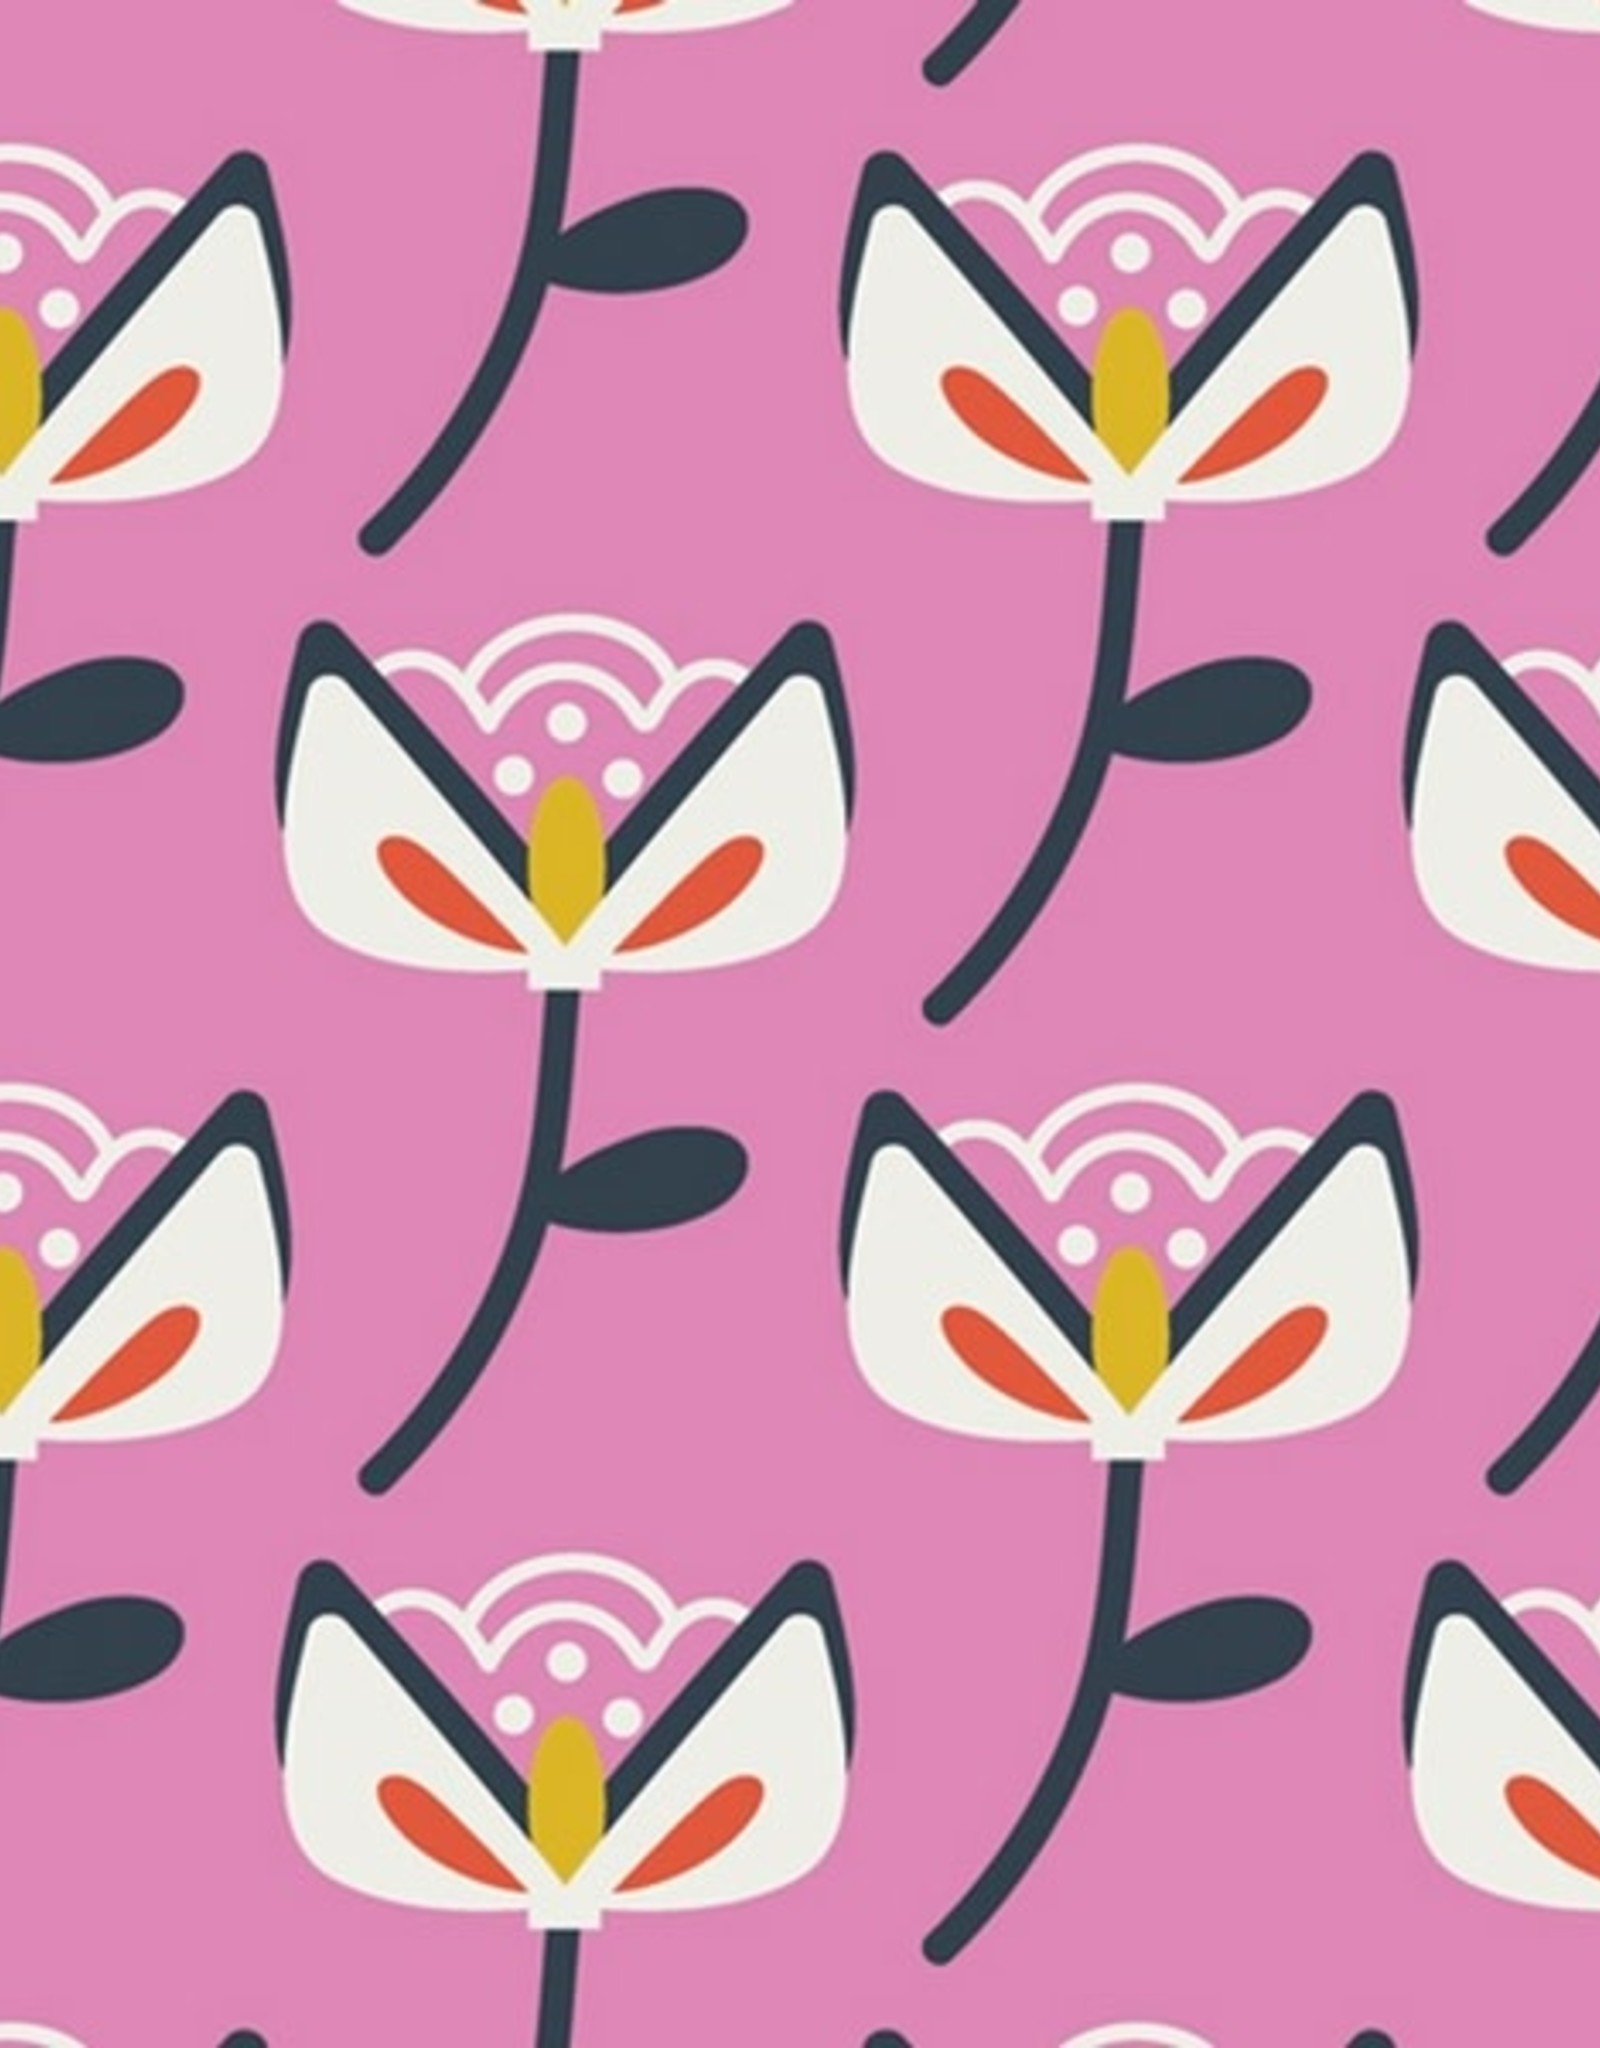 Art Gallery Summer side roze